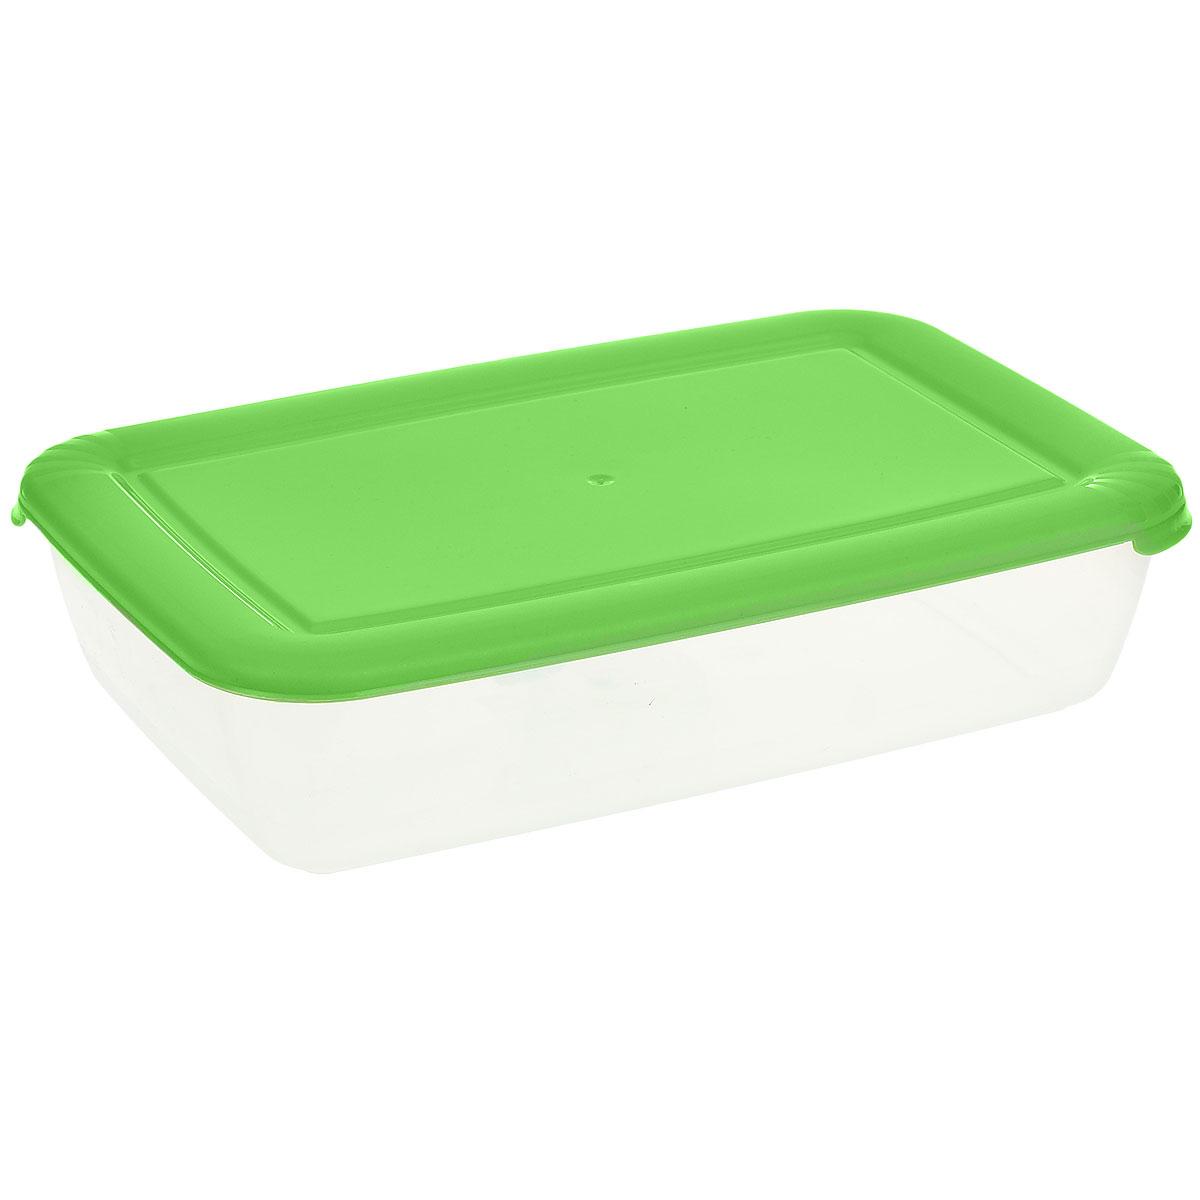 Контейнер Полимербыт Лайт, цвет: прозрачный, салатовый, 1,9 лАксион Т-33Контейнер Полимербыт Лайт прямоугольной формы, изготовленный из прочного пластика, предназначен специально для хранения пищевых продуктов. Крышка легко открывается и плотно закрывается.Контейнер устойчив к воздействию масел и жиров, легко моется. Прозрачные стенки позволяют видеть содержимое. Контейнер имеет возможность хранения продуктов глубокой заморозки, обладает высокой прочностью. Можно мыть в посудомоечной машине. Подходит для использования в микроволновых печах.